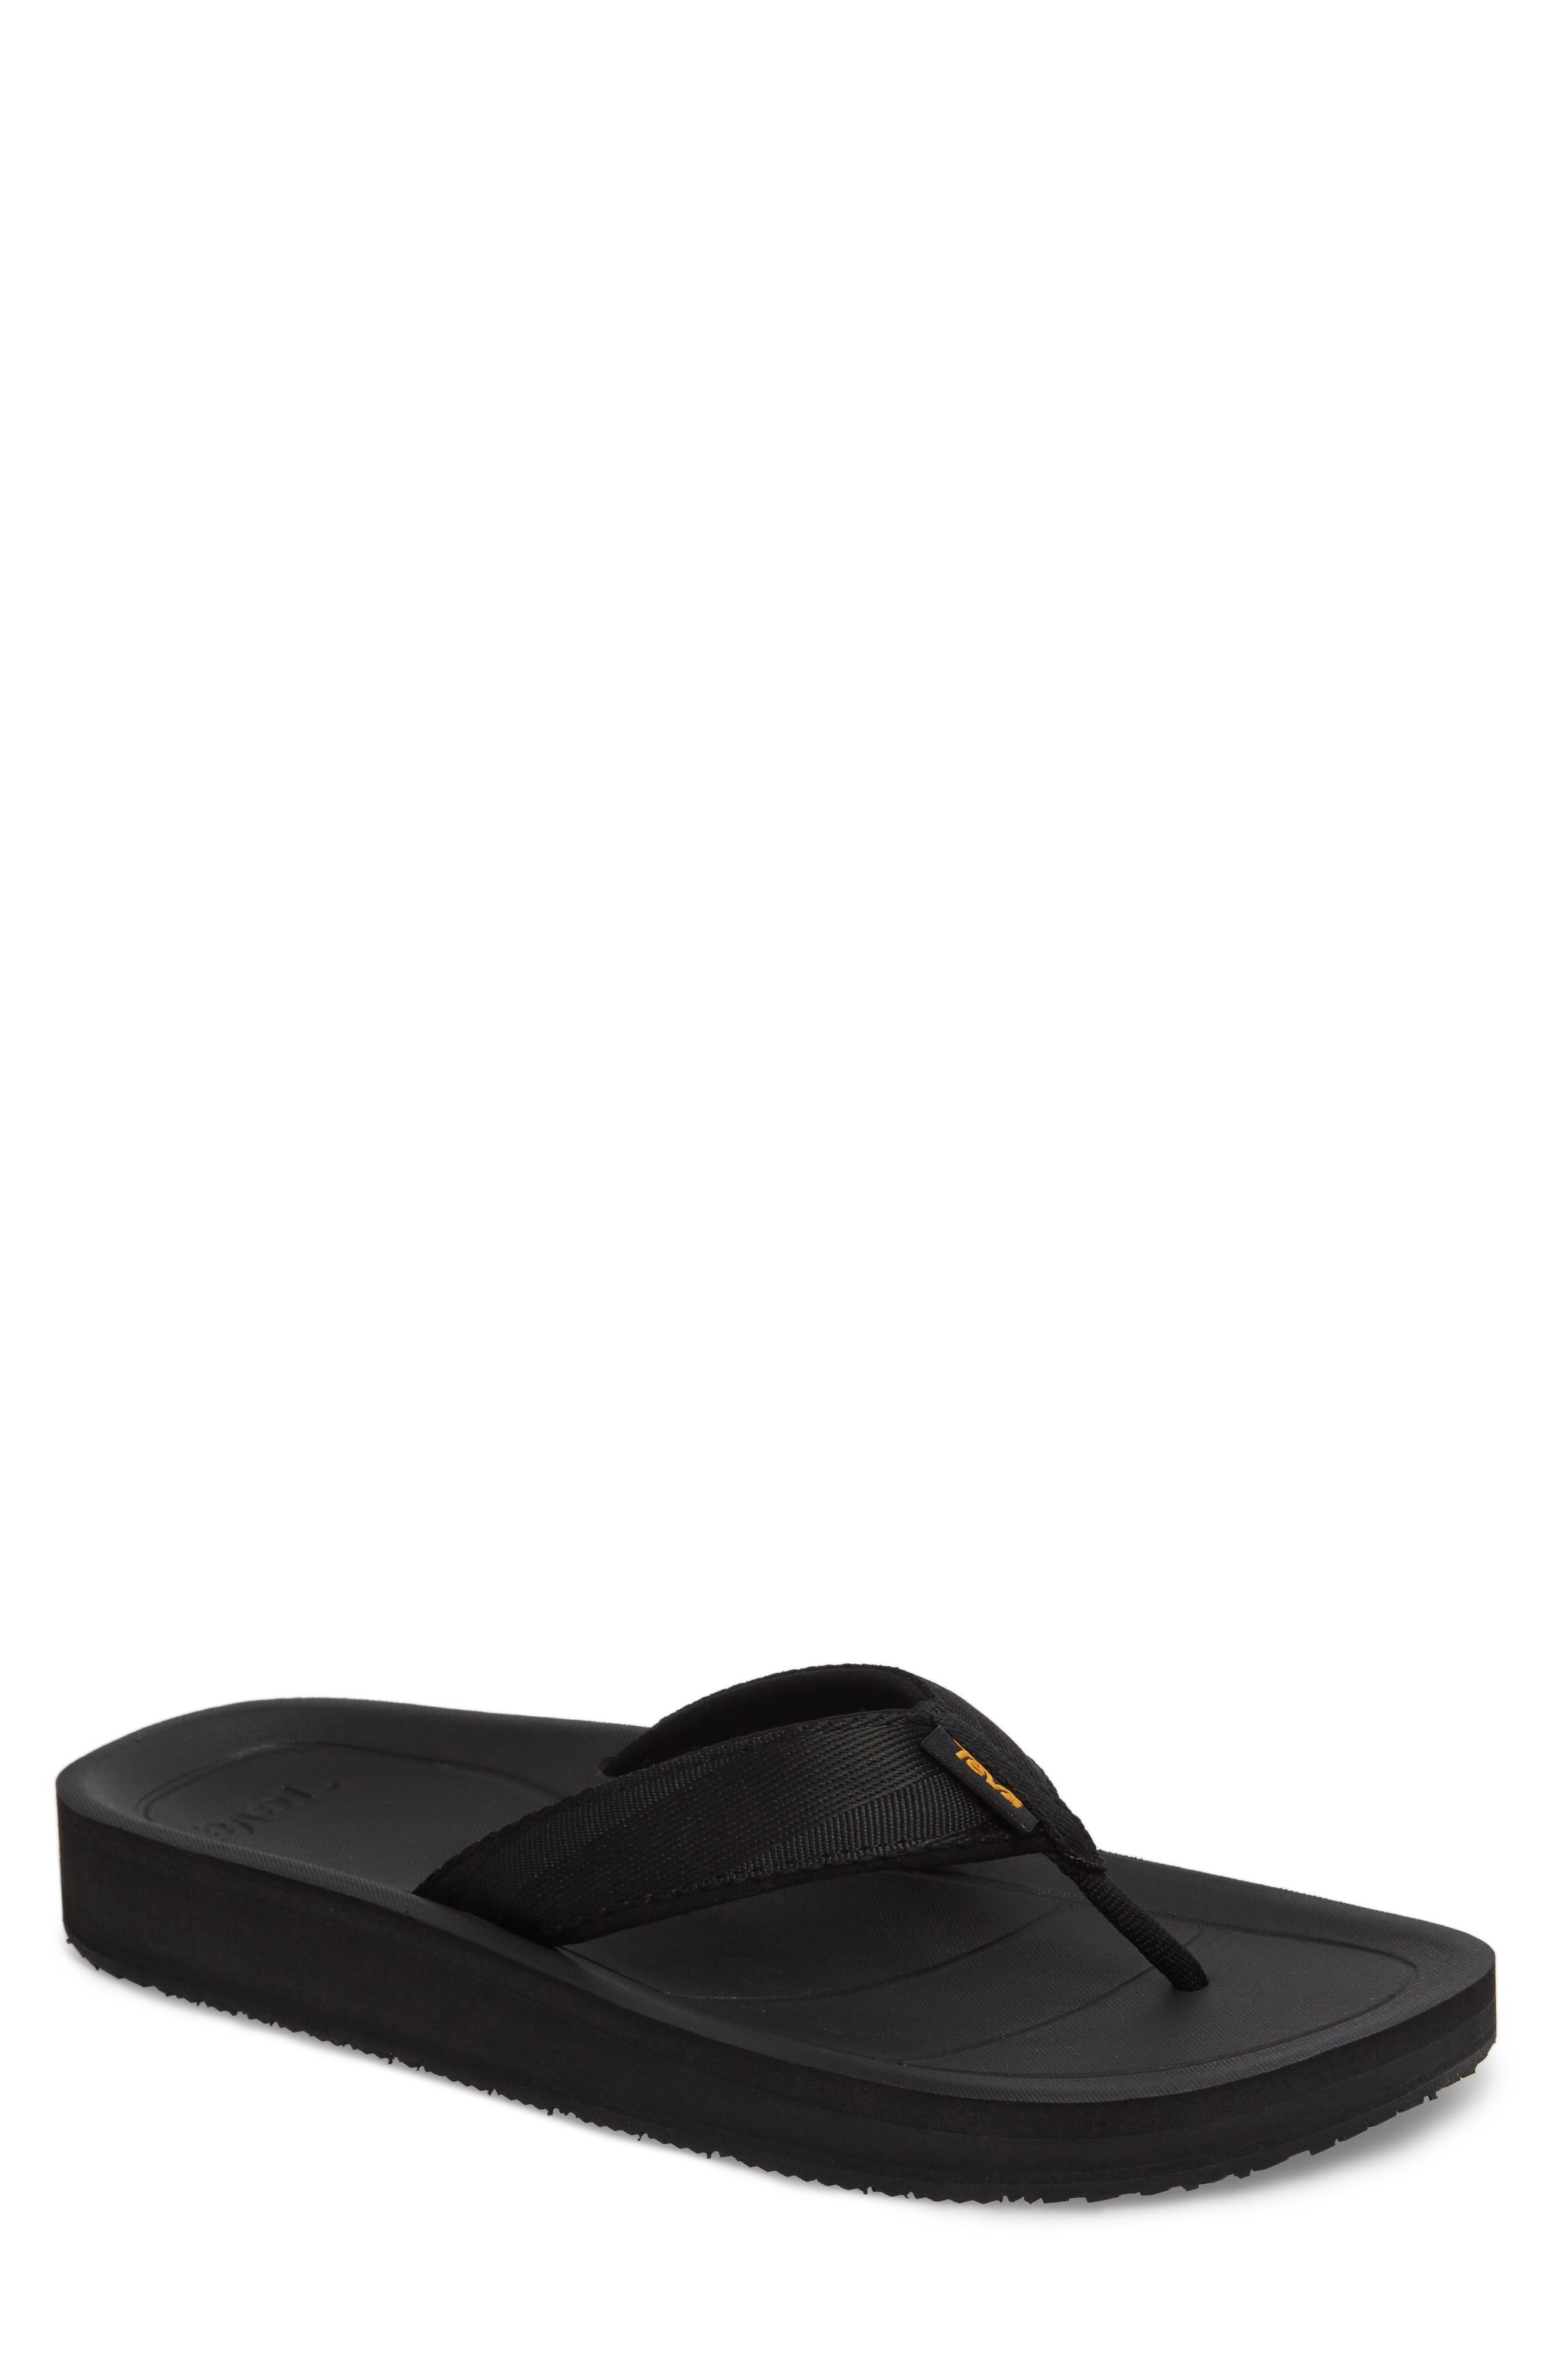 Teva Flip Premier Flip Flop In Black Nylon